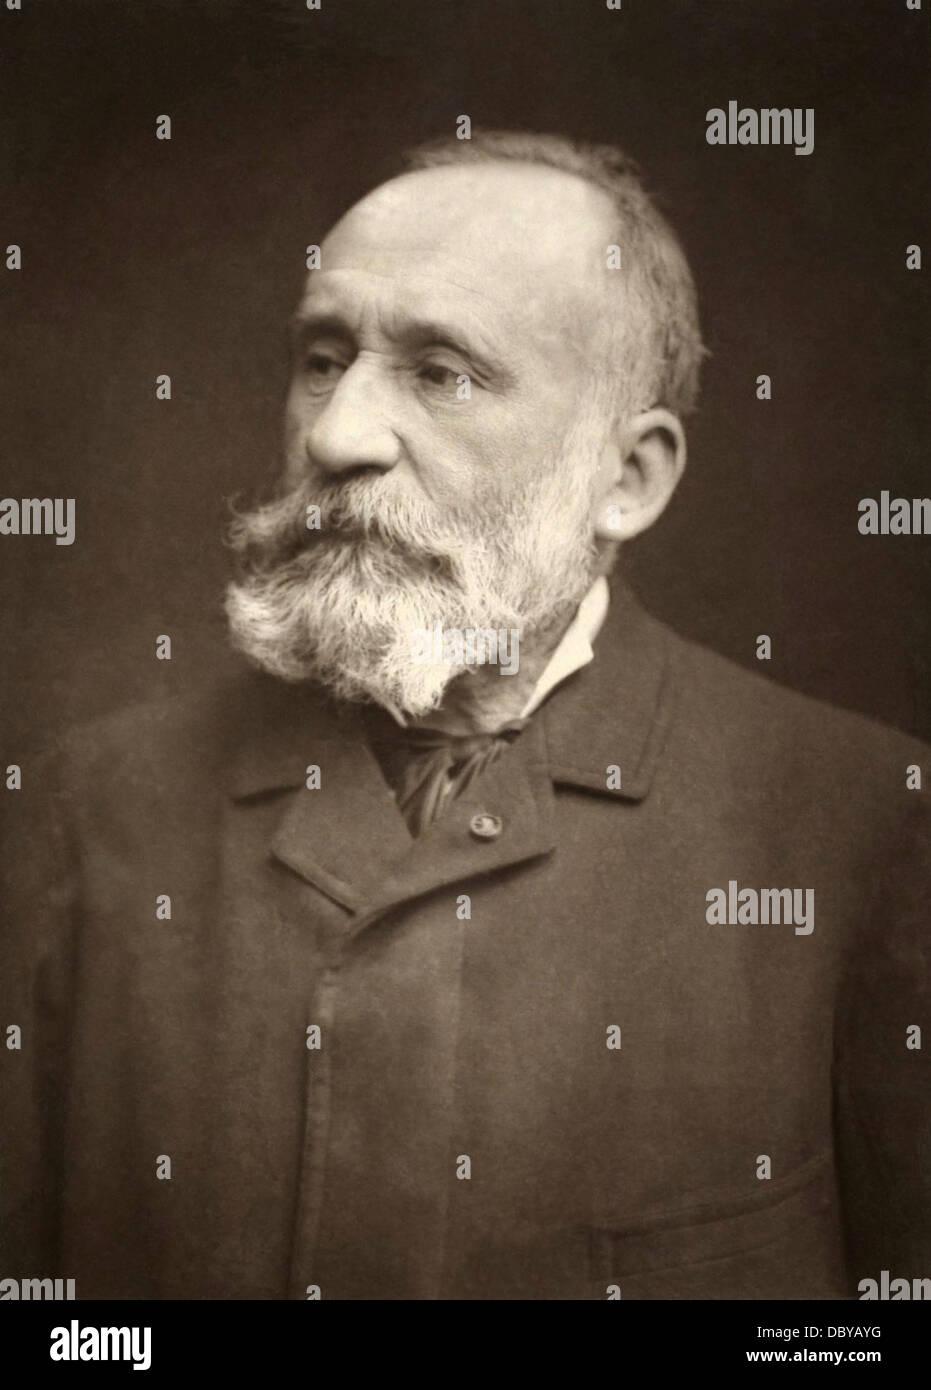 Pierre Puvis de Chavannes (1824 - 1898), french painter. - Stock Image